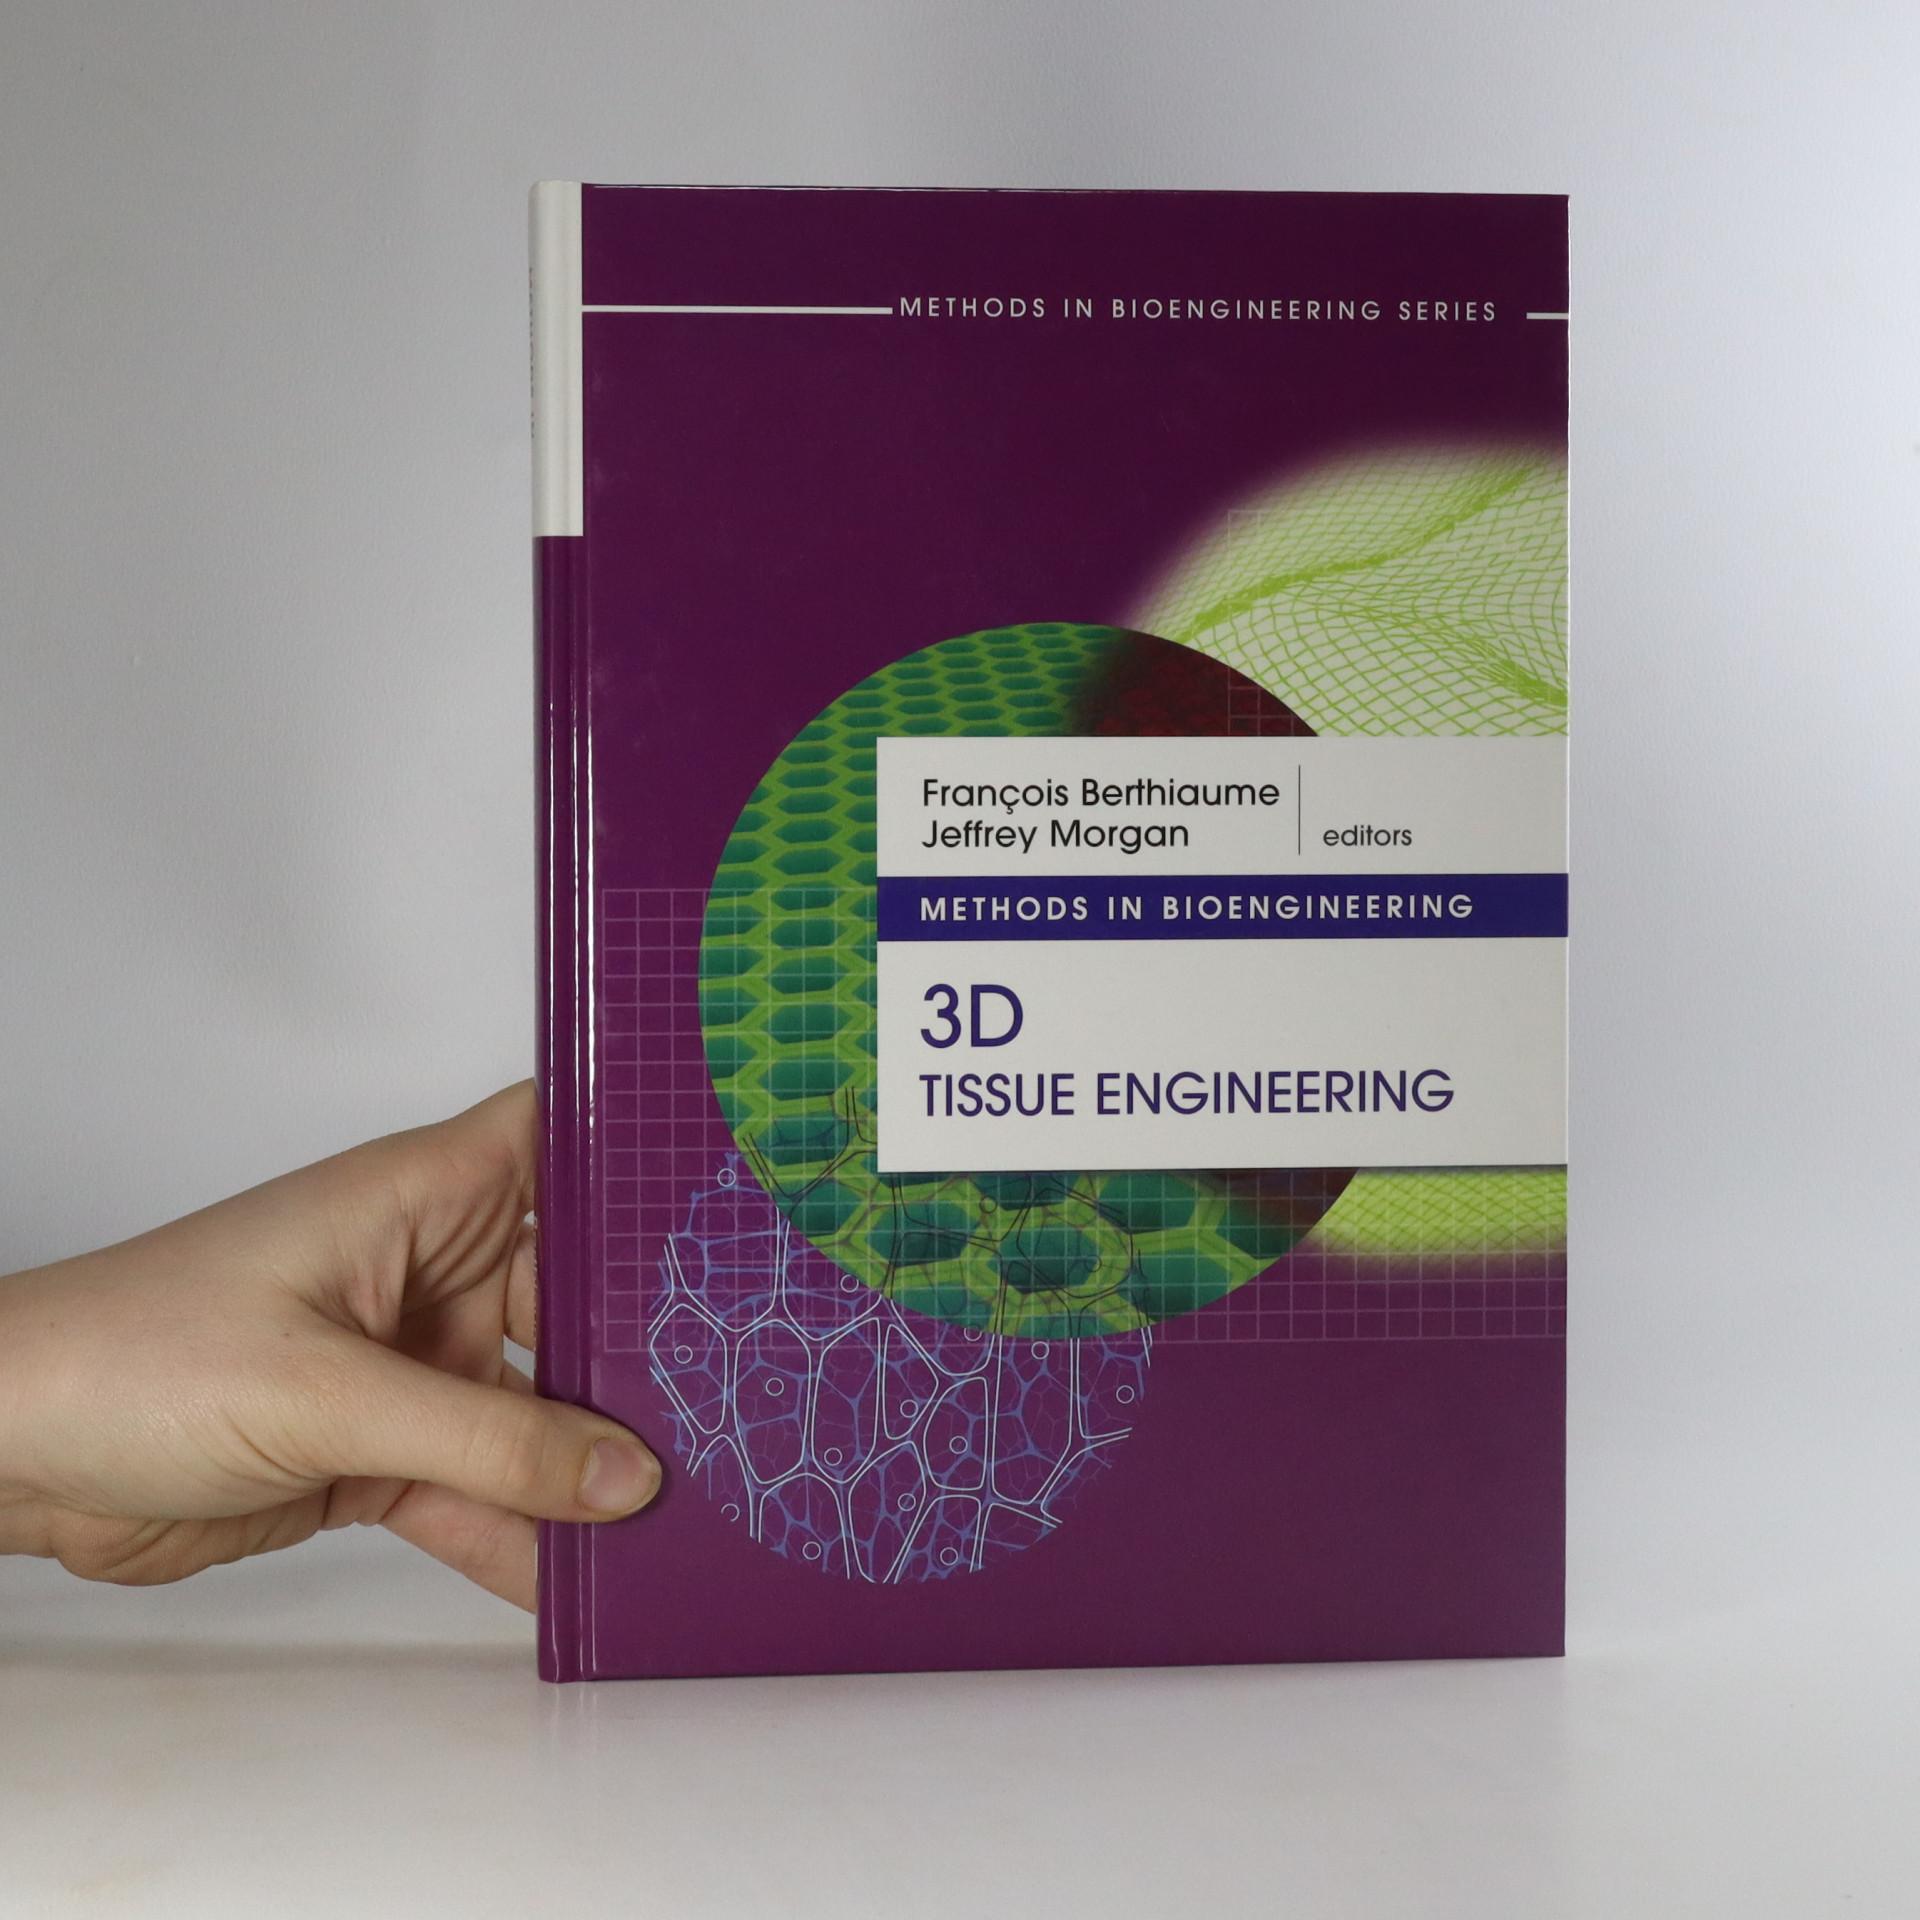 antikvární kniha Methods in Bioengineering. 3D Tissue Engineering, neuveden